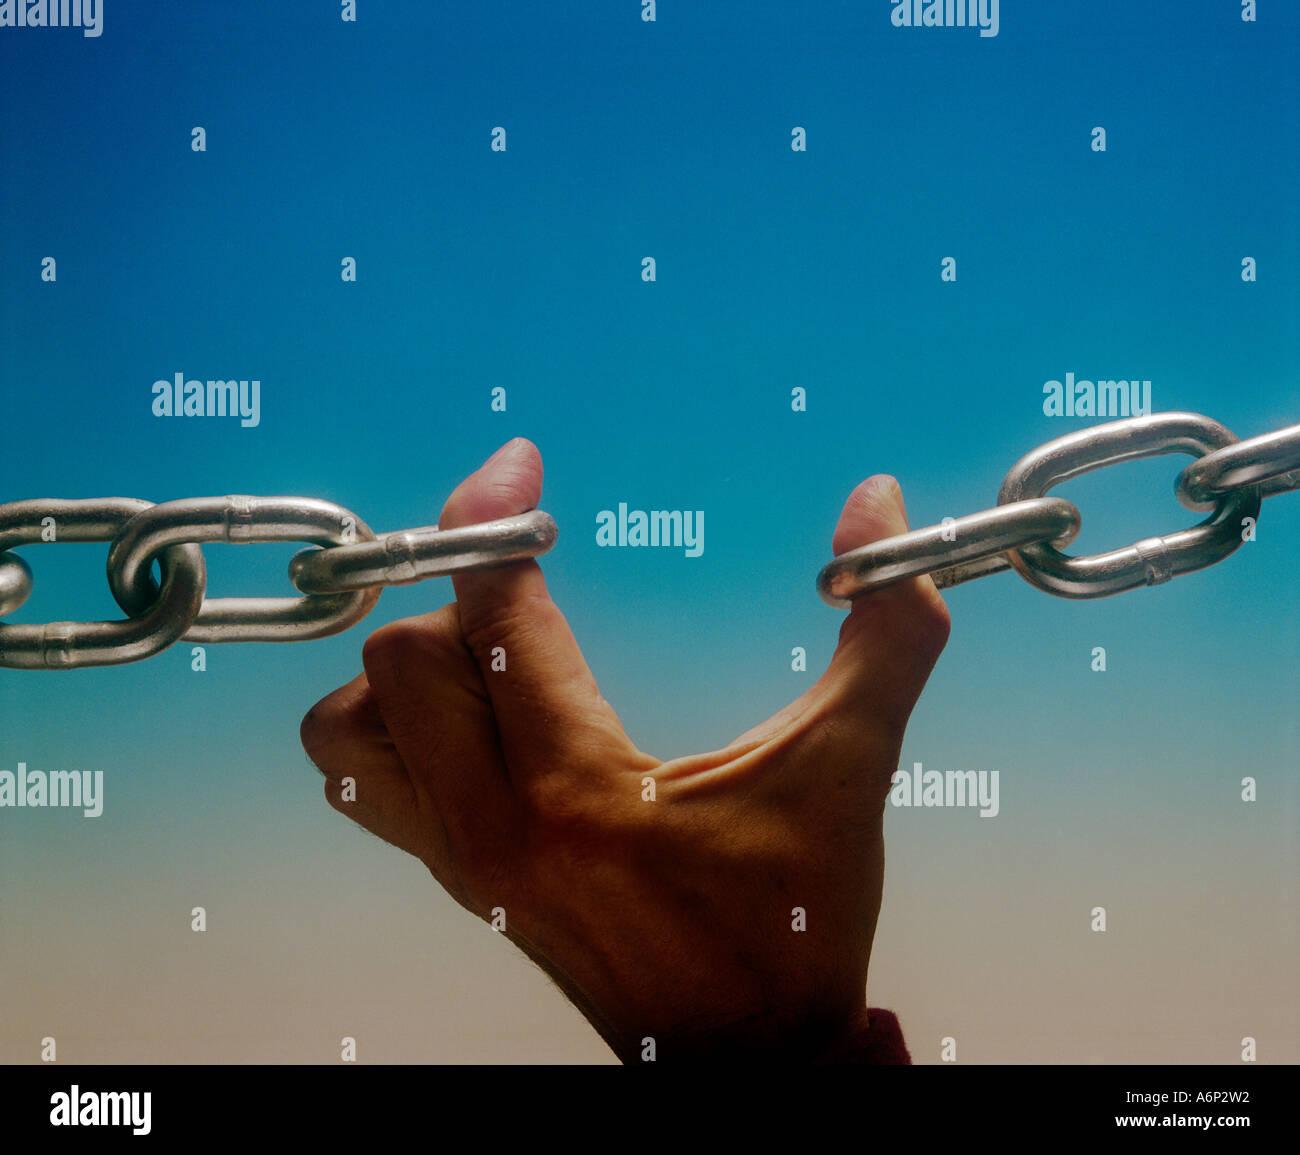 Una rotura de tinta en una cadena y el eslabón más débil Imagen De Stock